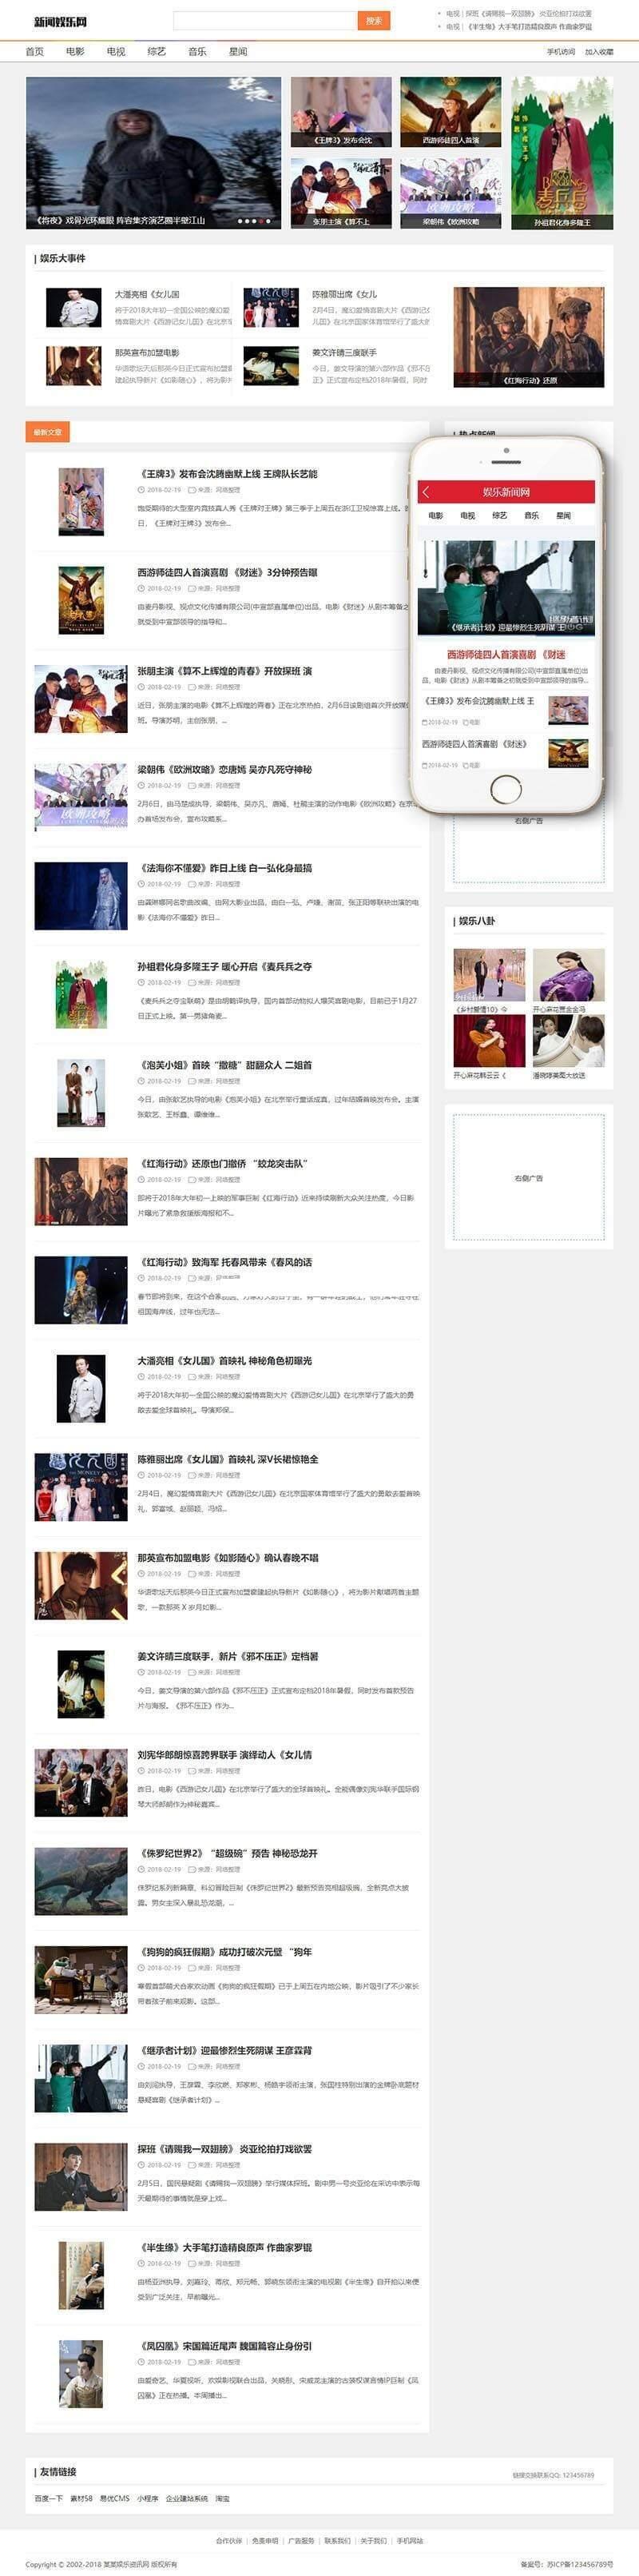 【织梦模板下载】娱乐新闻资讯类网站vip精品模板(带移动端)整站源码分享